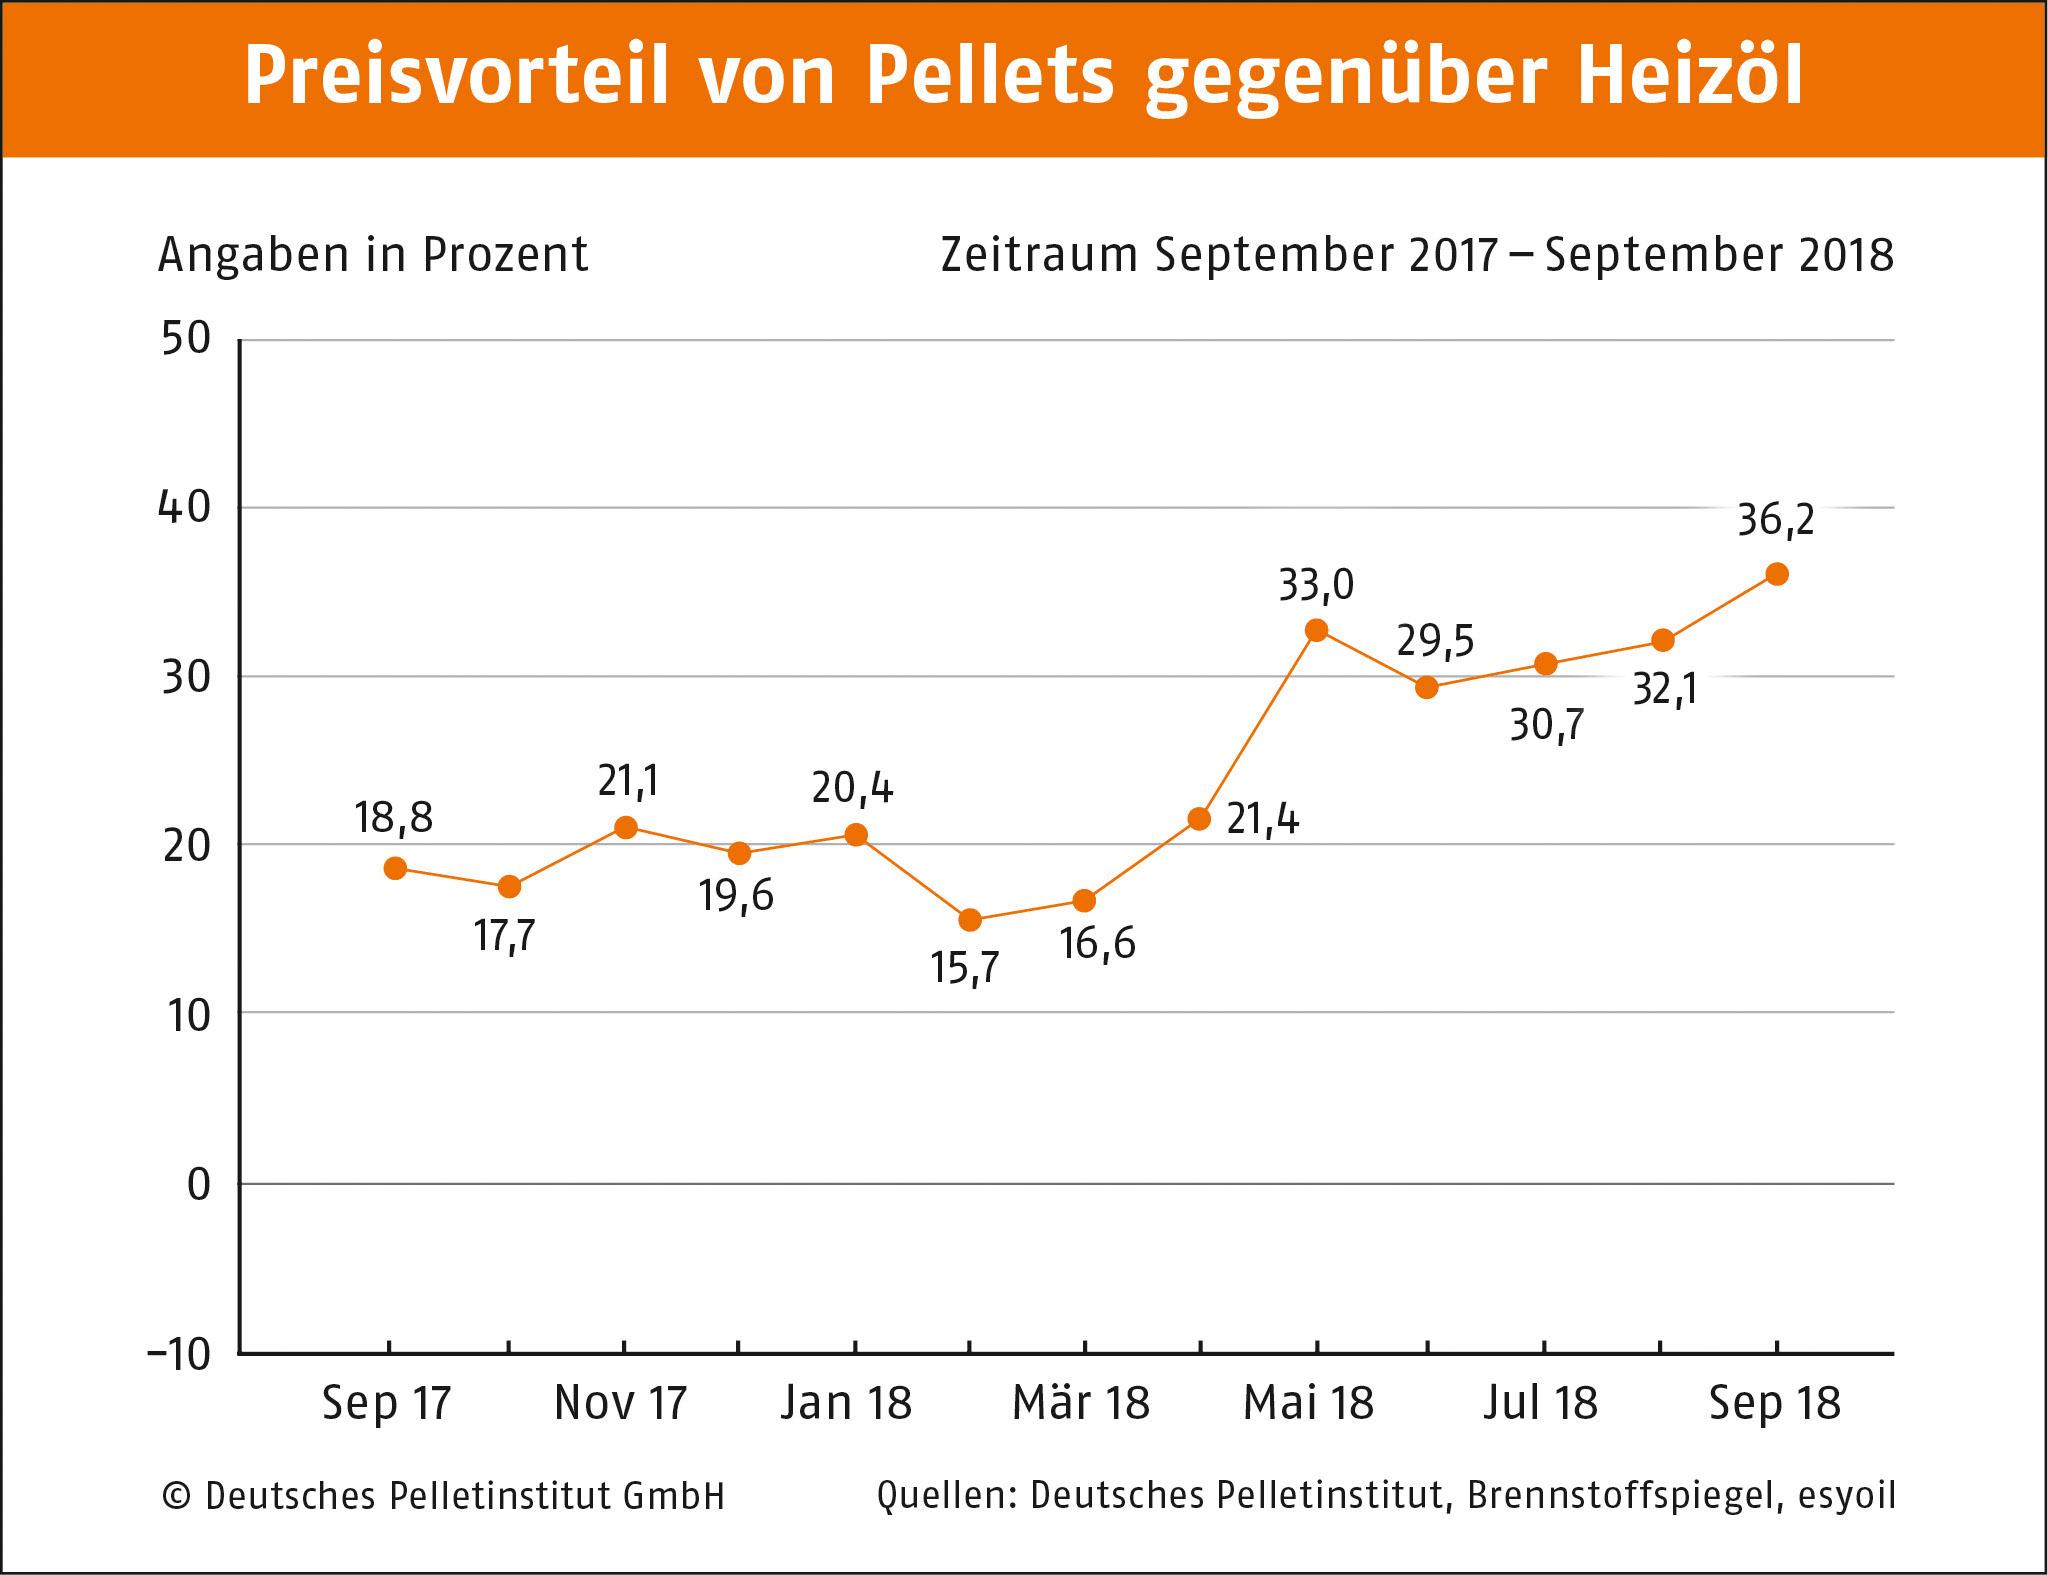 Preisvorteil von Pellets gegenber Heizl September 2018 DEPI Preisvorteil Pellets Oel 17.09.18